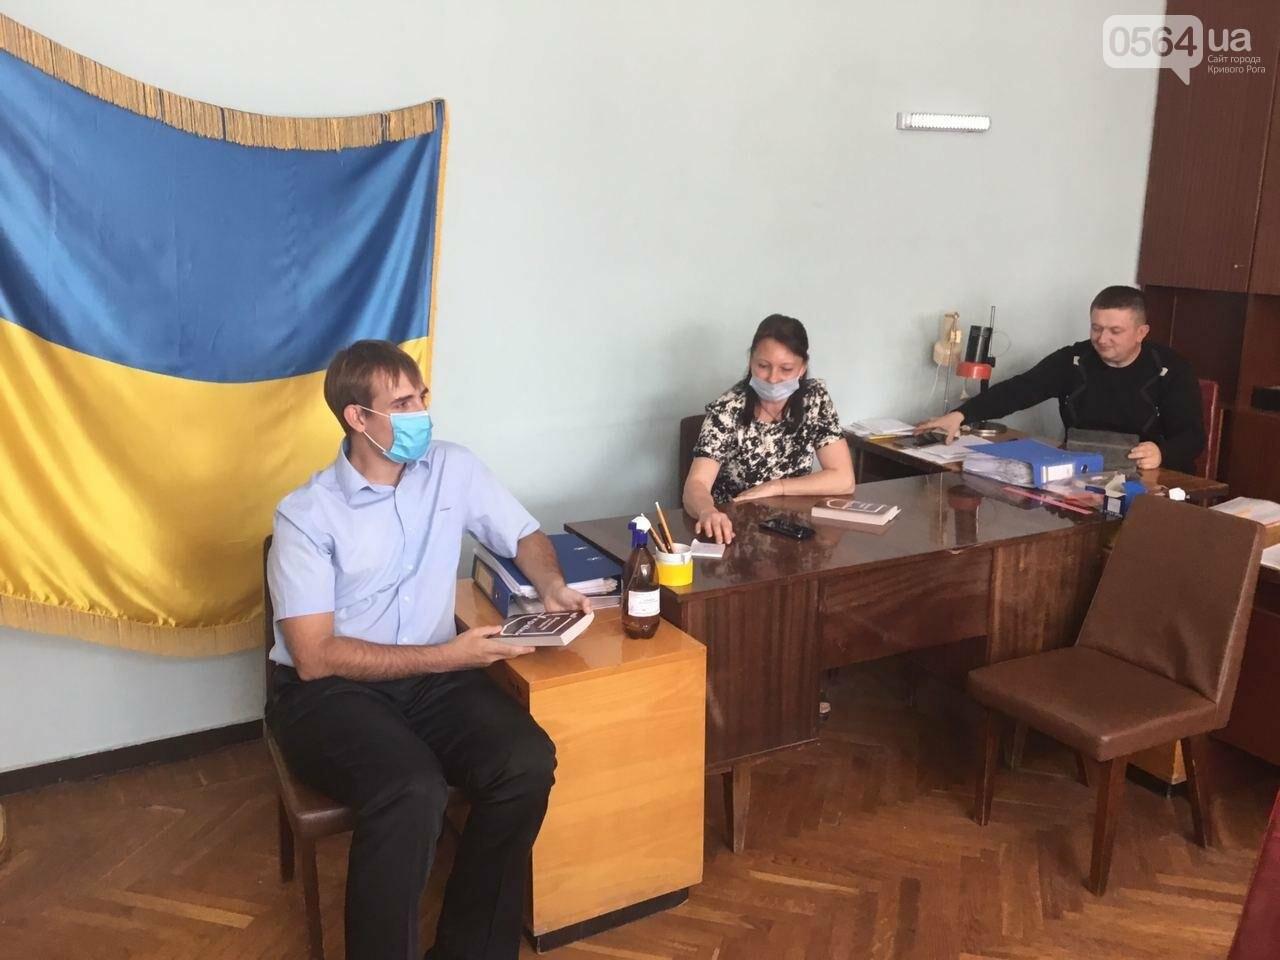 9 кандидатов в мэры и 7 партийных списков, - кого в Кривом Роге зарегистрировали кандидатами в градоначальники, - ФОТО, ВИДЕО, фото-7